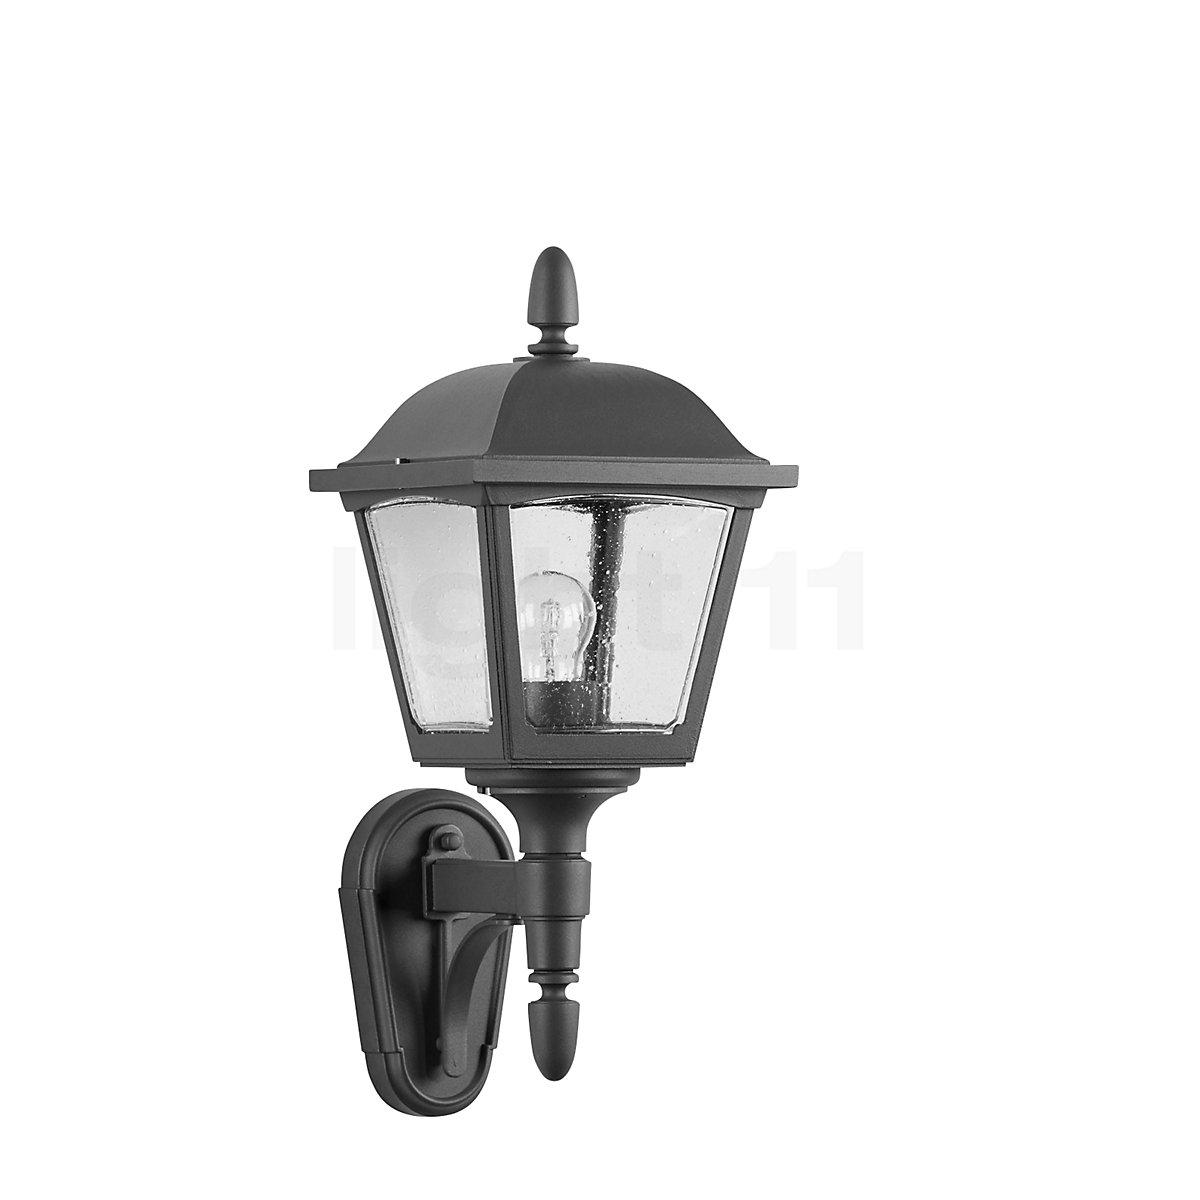 Lampade Da Parete Con Braccio bega straßburg lampada da parete con braccio a parete